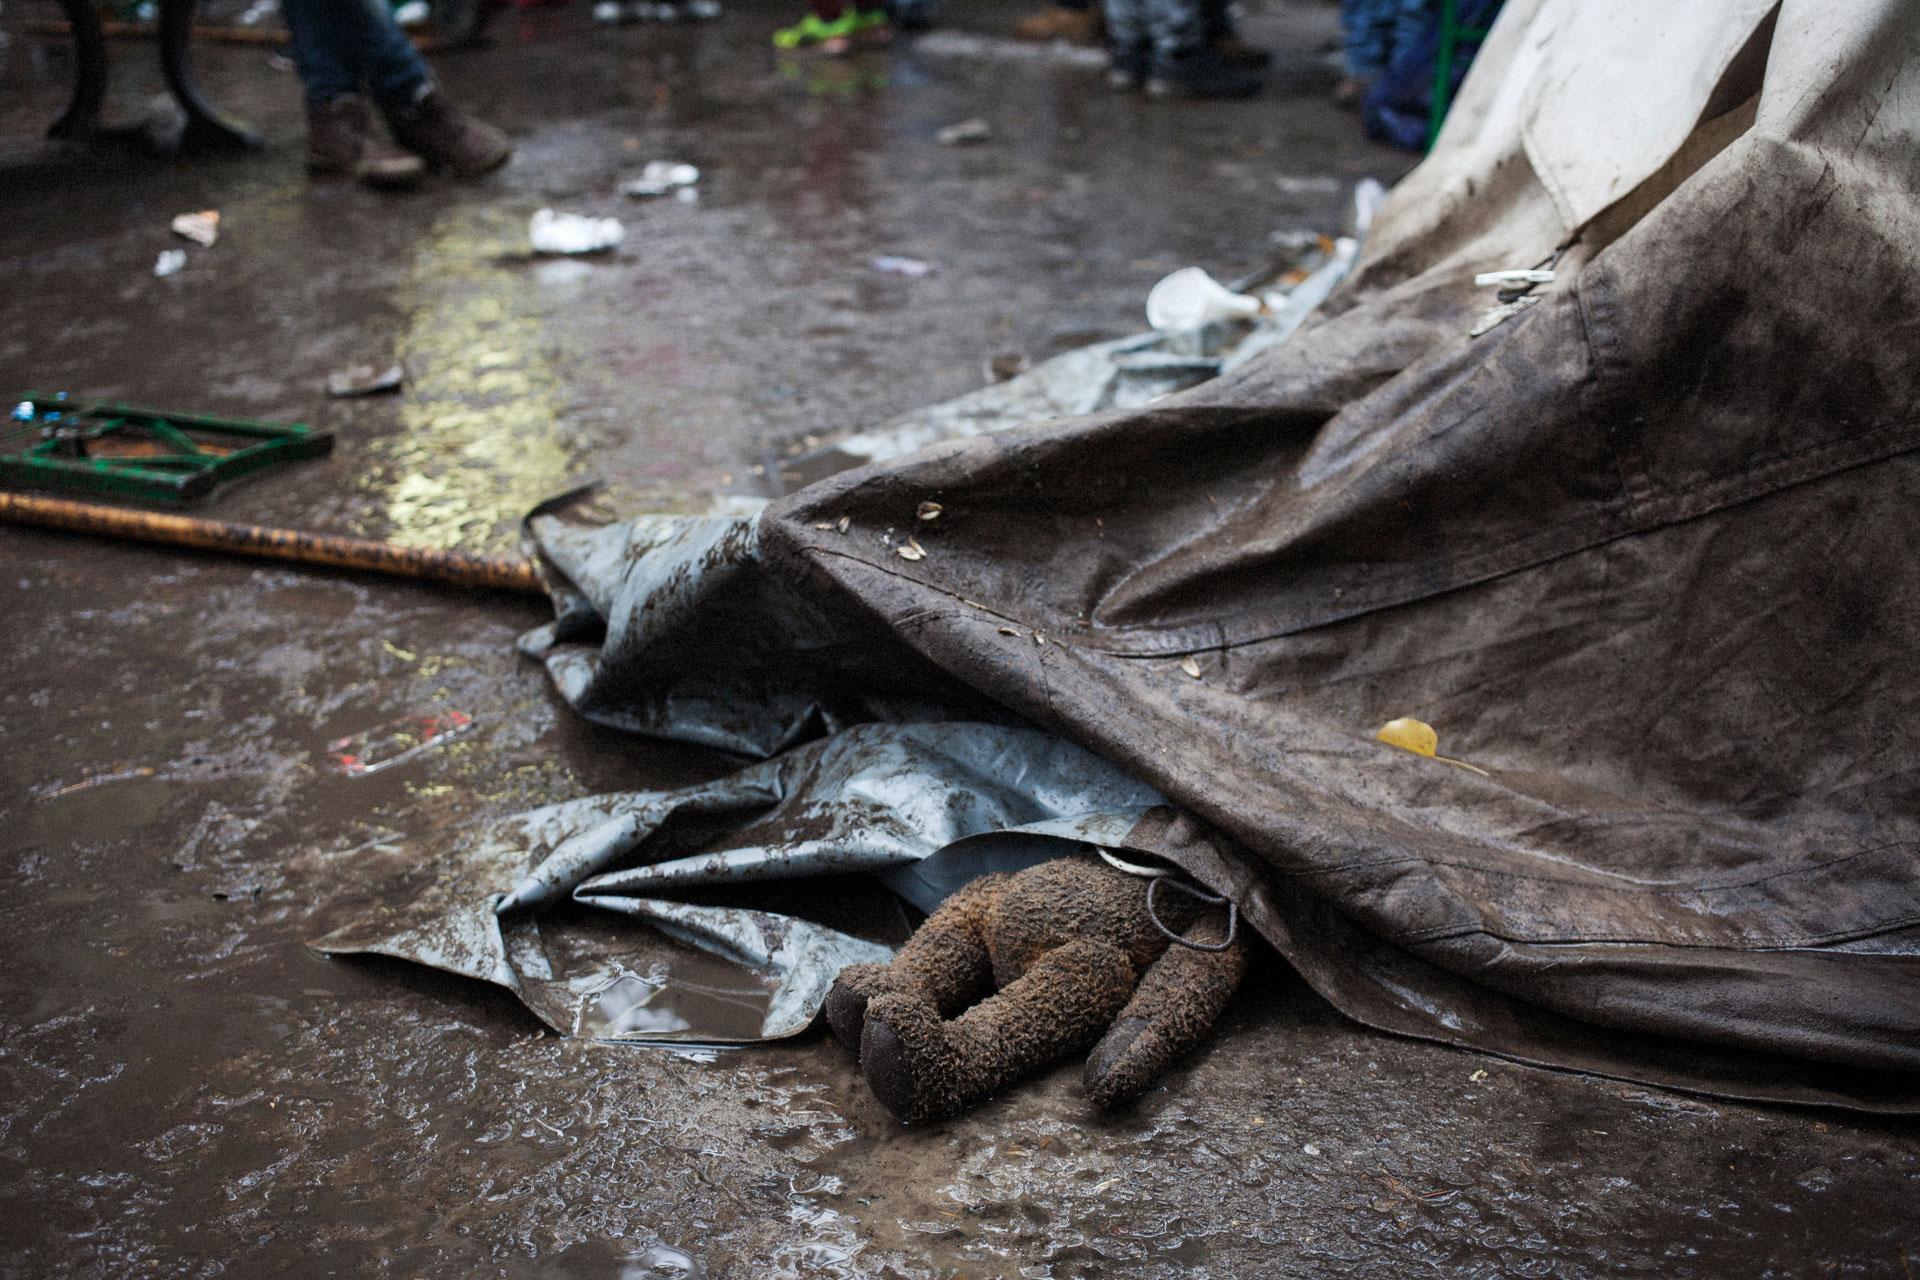 timo-stammberger-photography-fotografie-berlin-lageso-refugees-fluechtlinge-migration-22